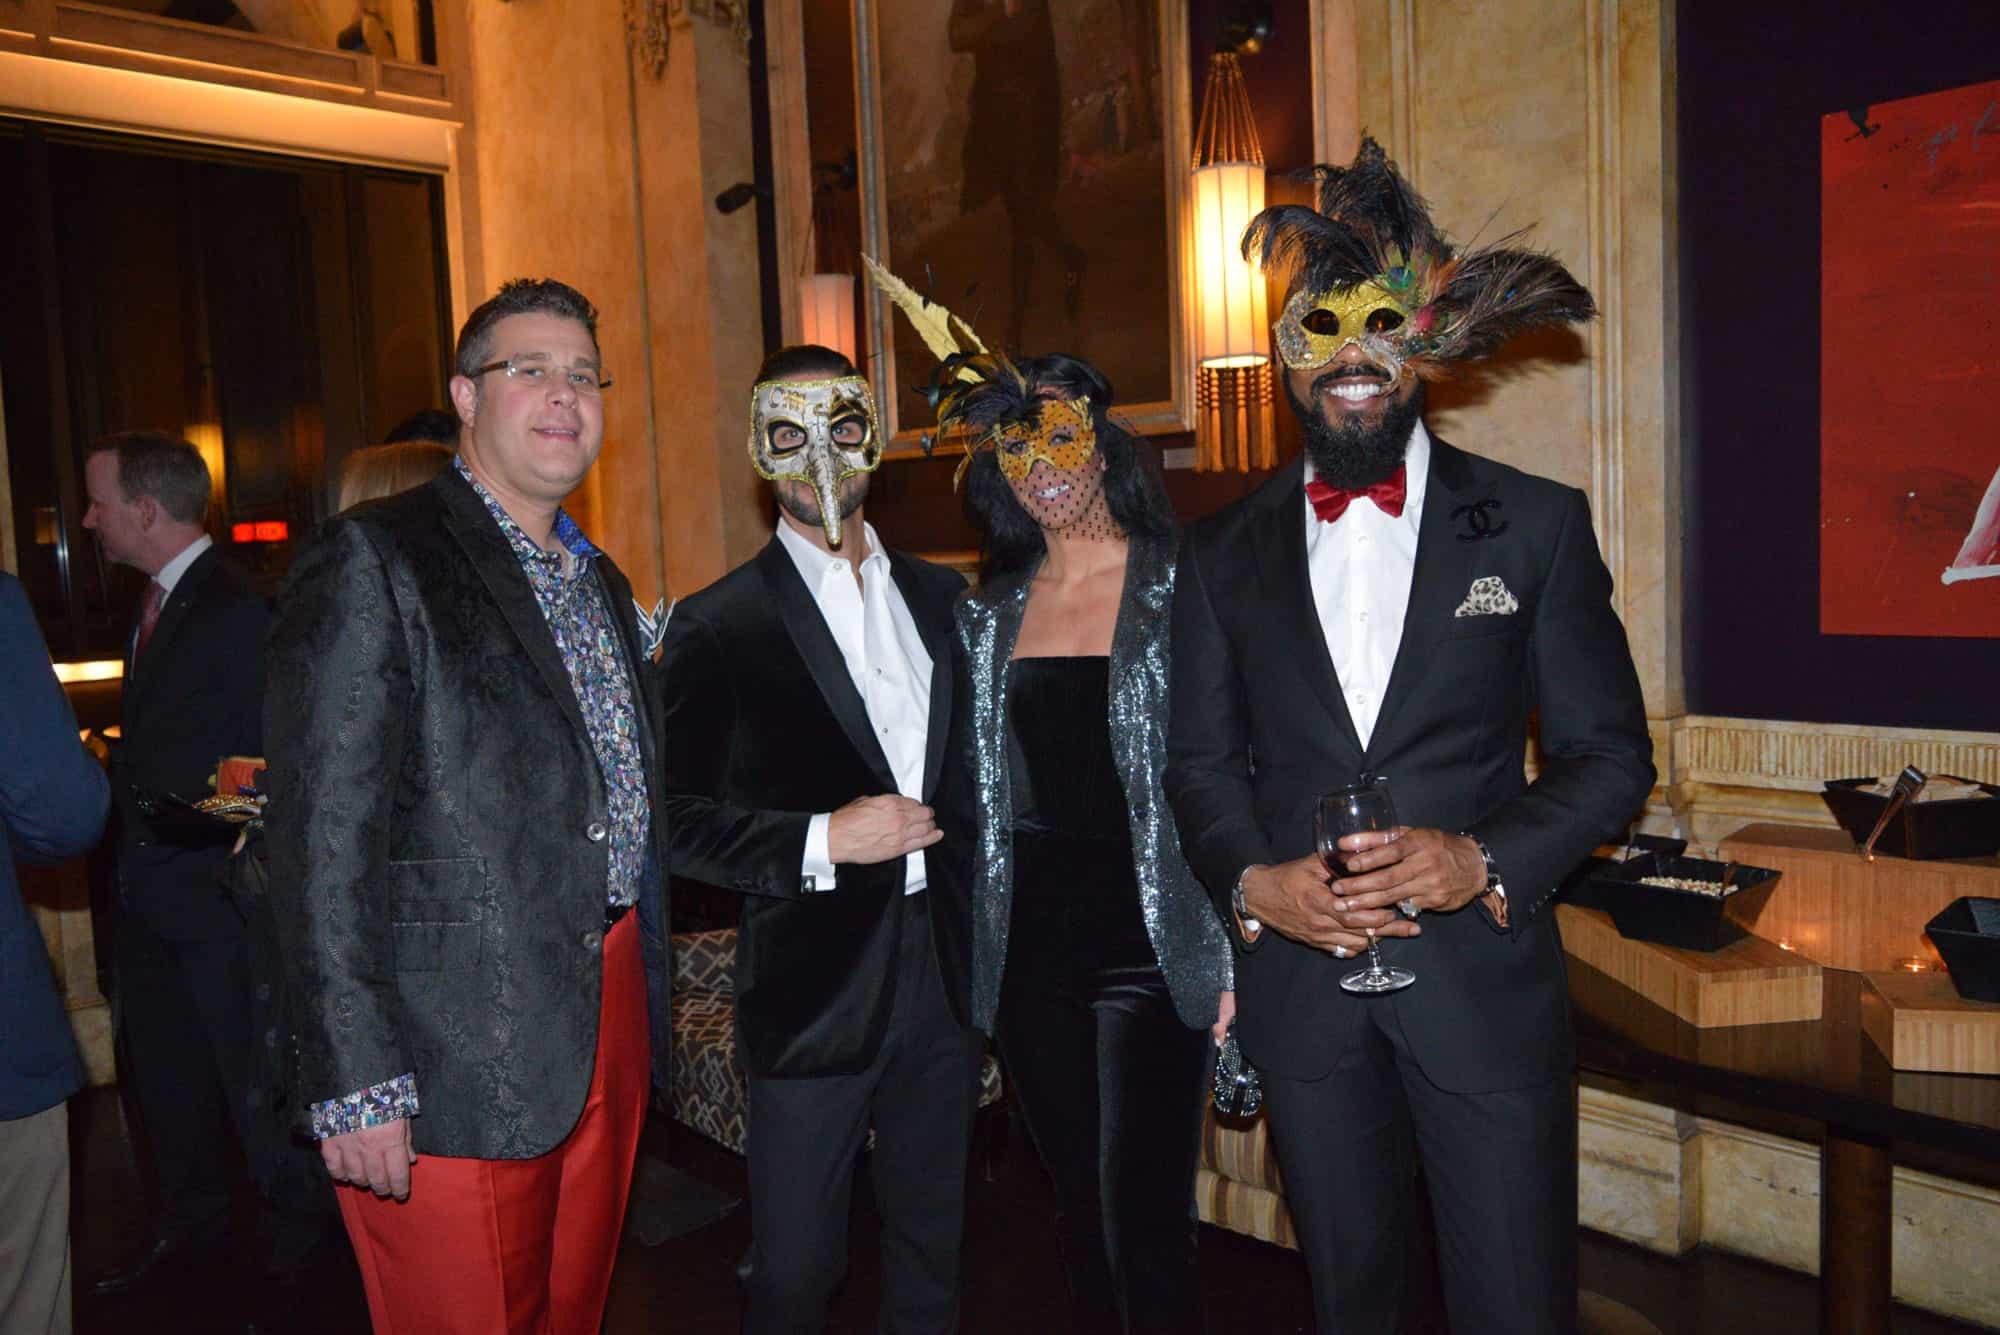 Monster Ball Halloween Events